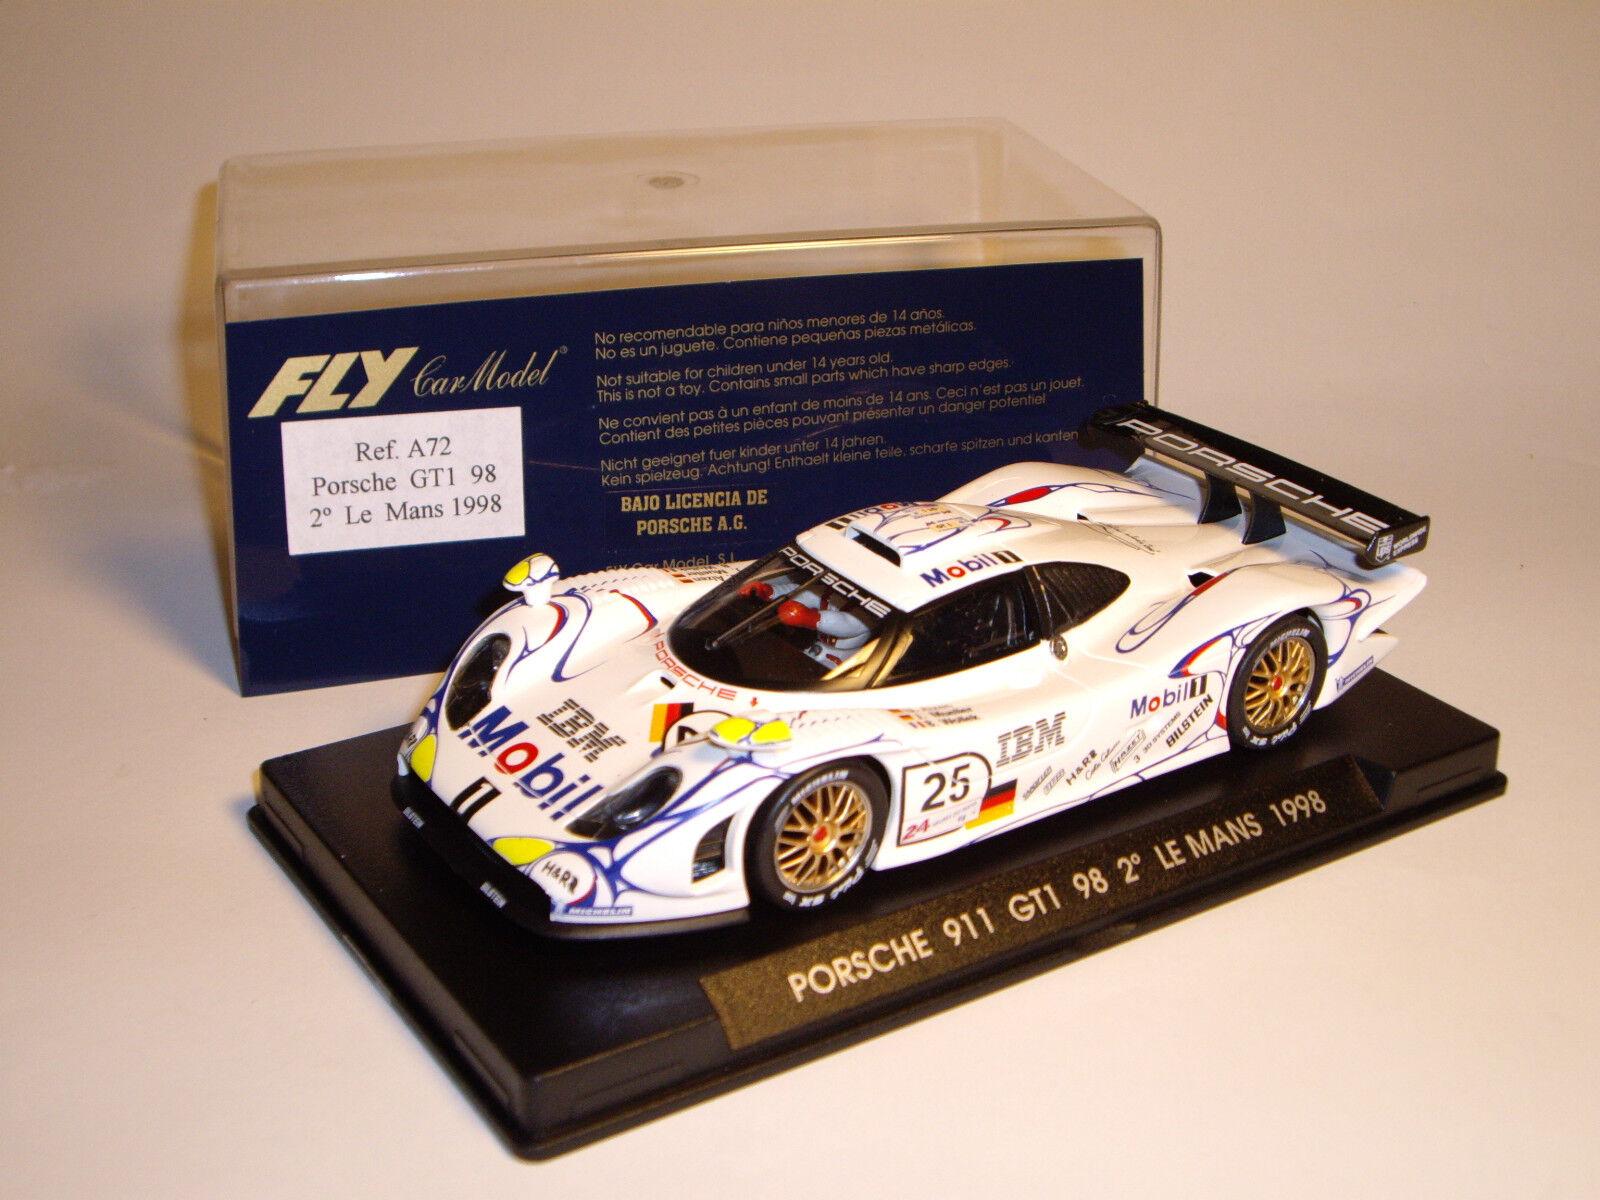 Porsche GT1 98 - 2º Le Mans 1998 - A72